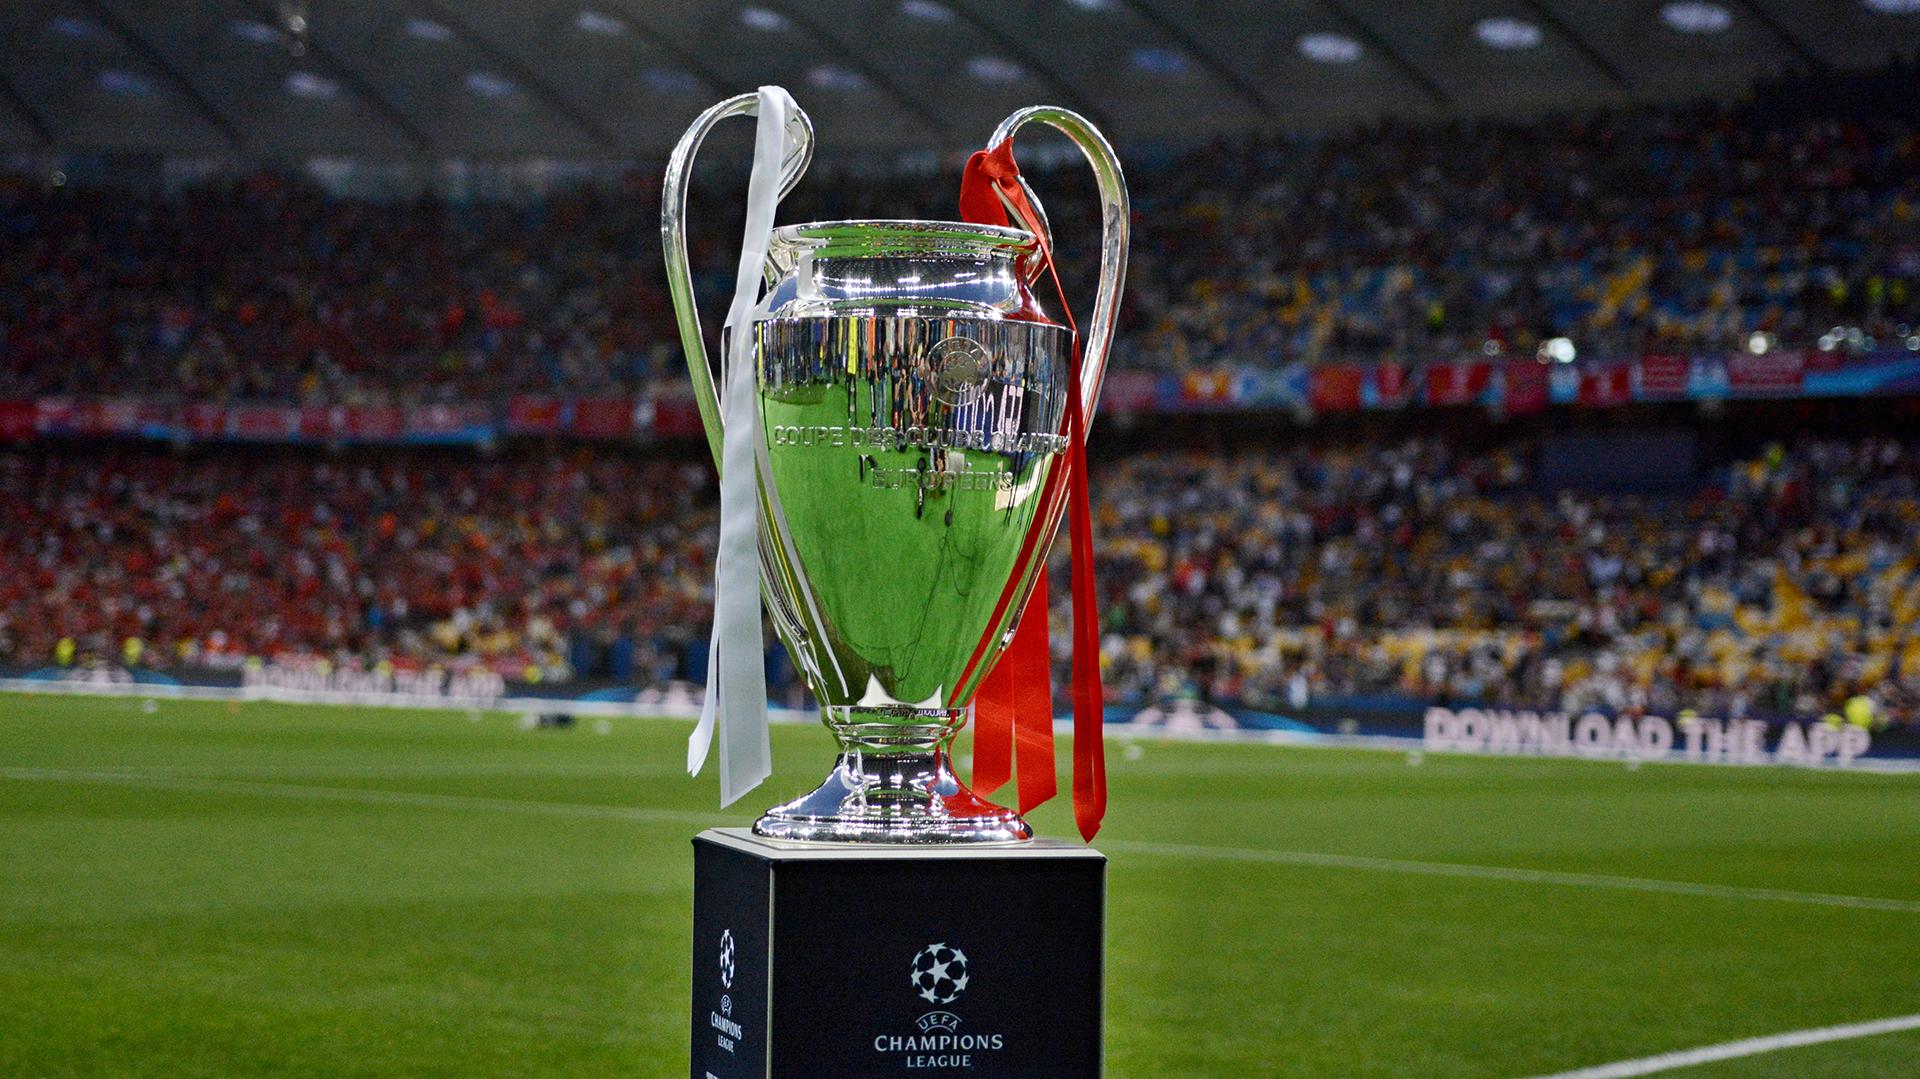 Única sede y cambio de formato: así sería la fase final de la Champions  League - Infobae